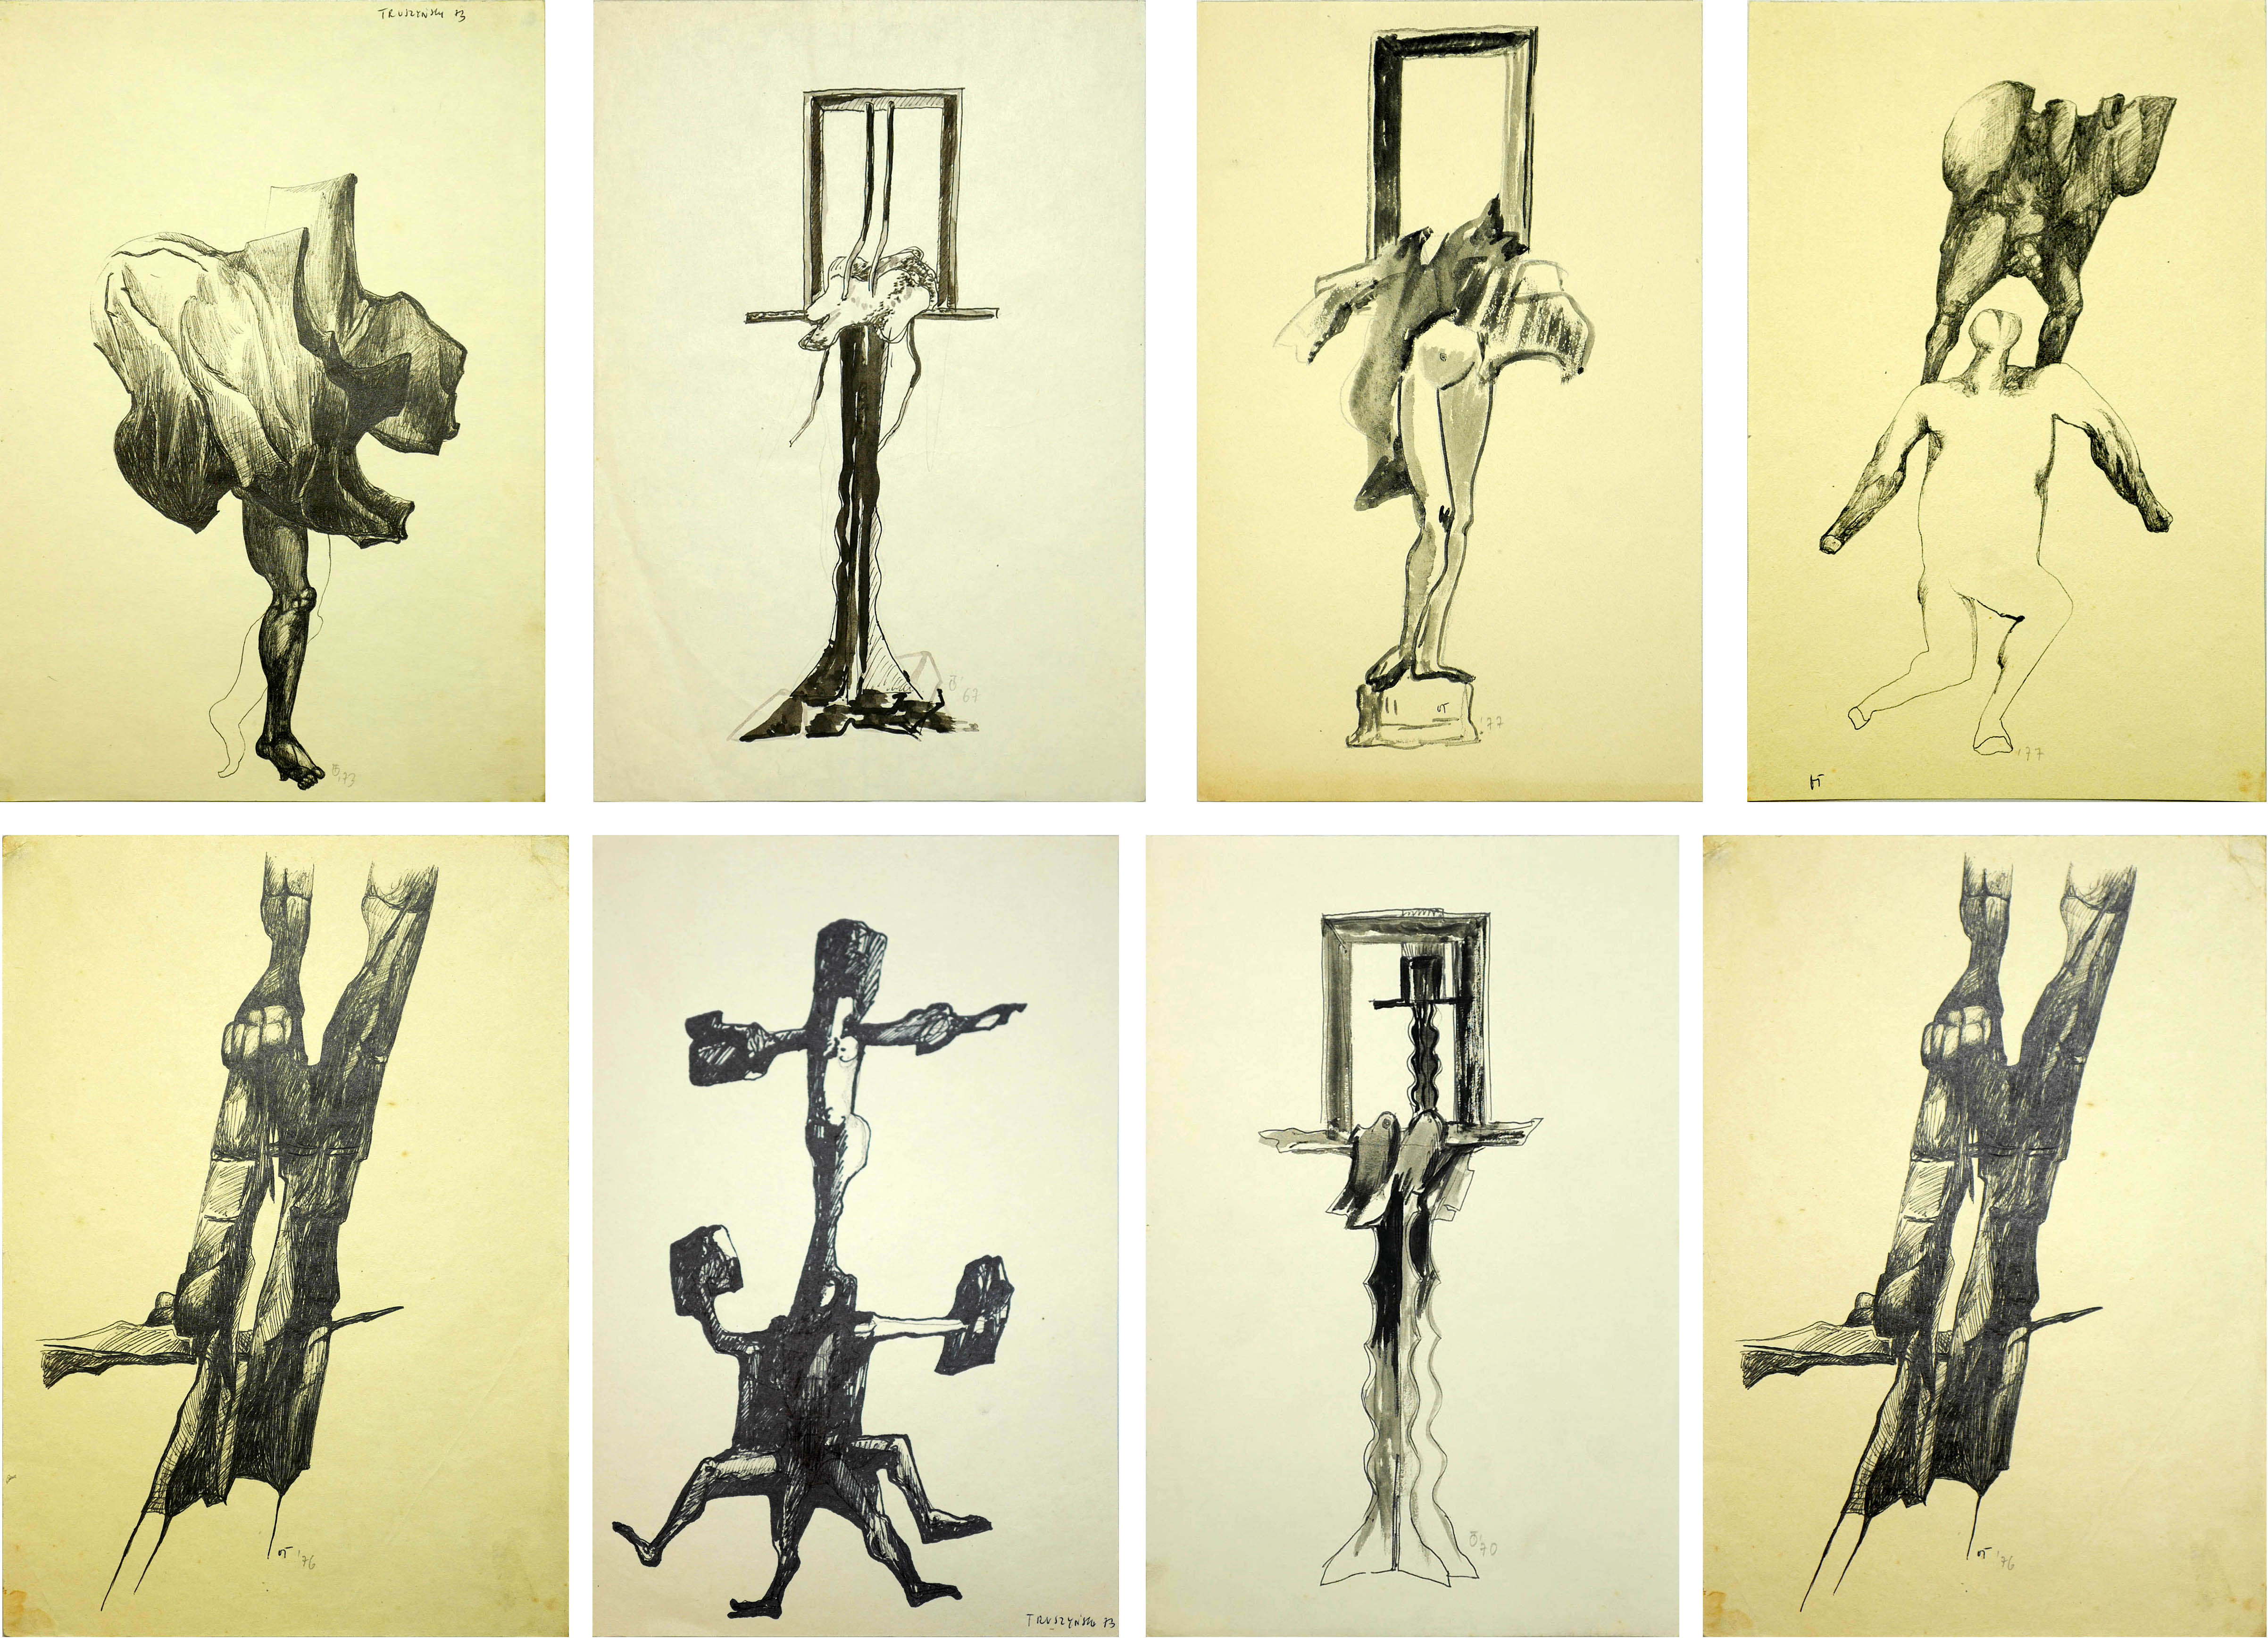 Zestaw 7 szkiców, 1976 r.